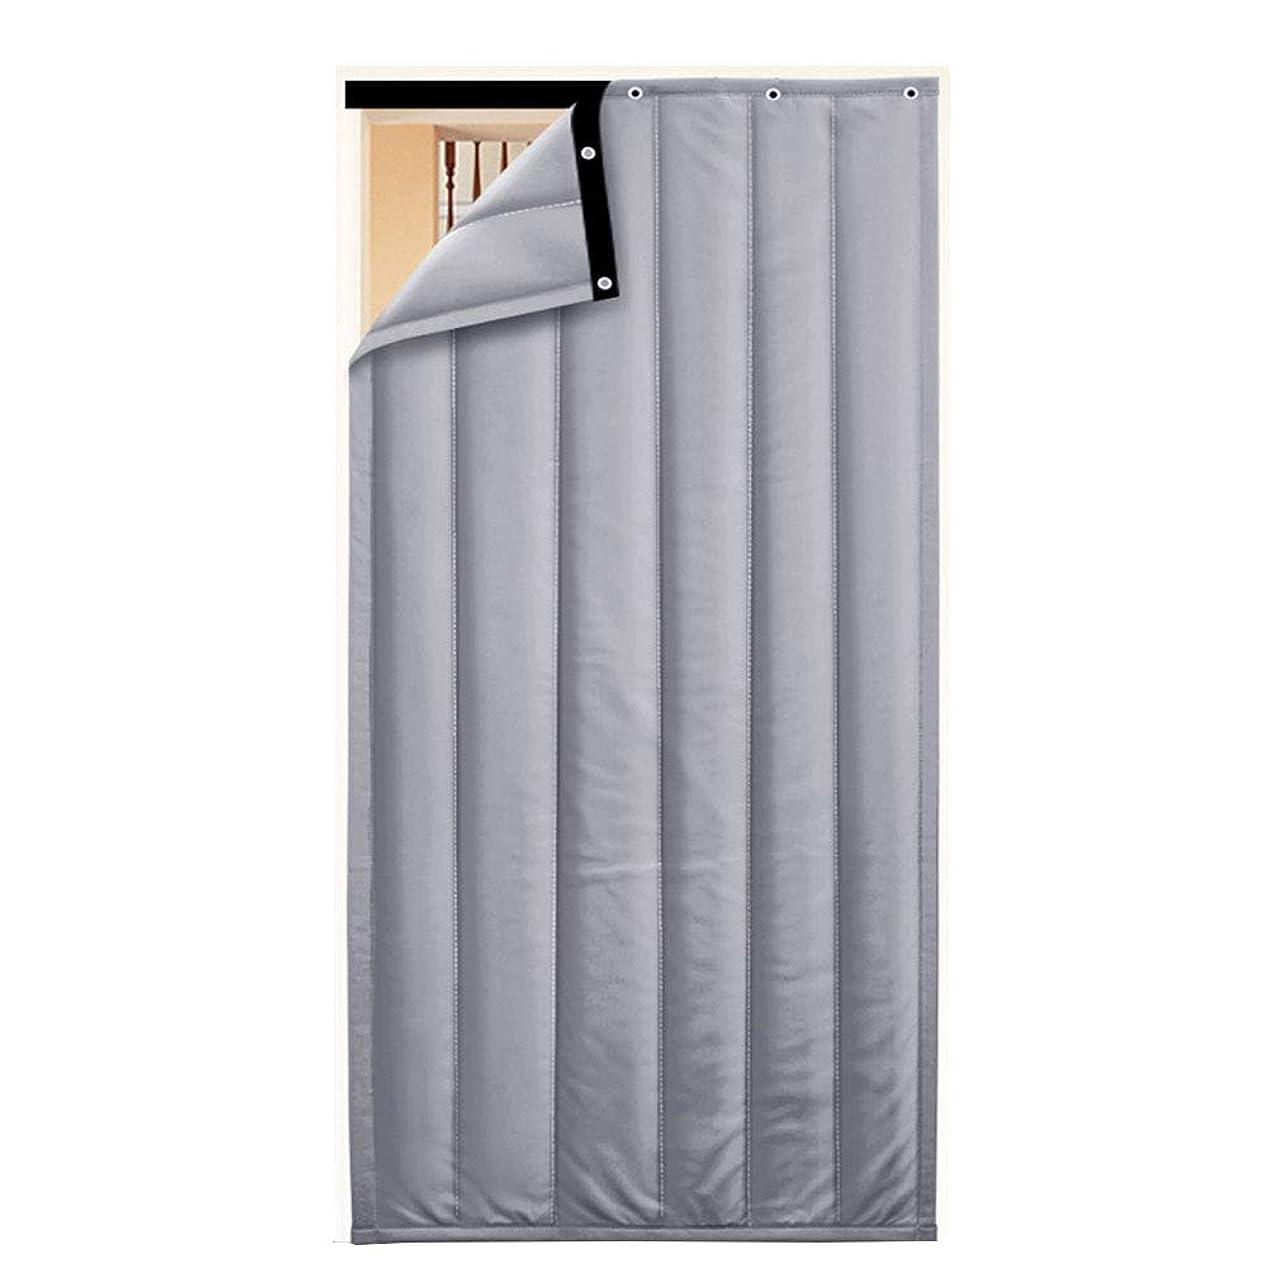 足詩さようならCAIJUN ドアカーテン カスタマイズ可能な 冬 防水 厚い オックスフォード布 断つ 暖かく保つ フロントガラス、 17サイズ、 4色 (色 : Gray, サイズ さいず : 120x220cm)